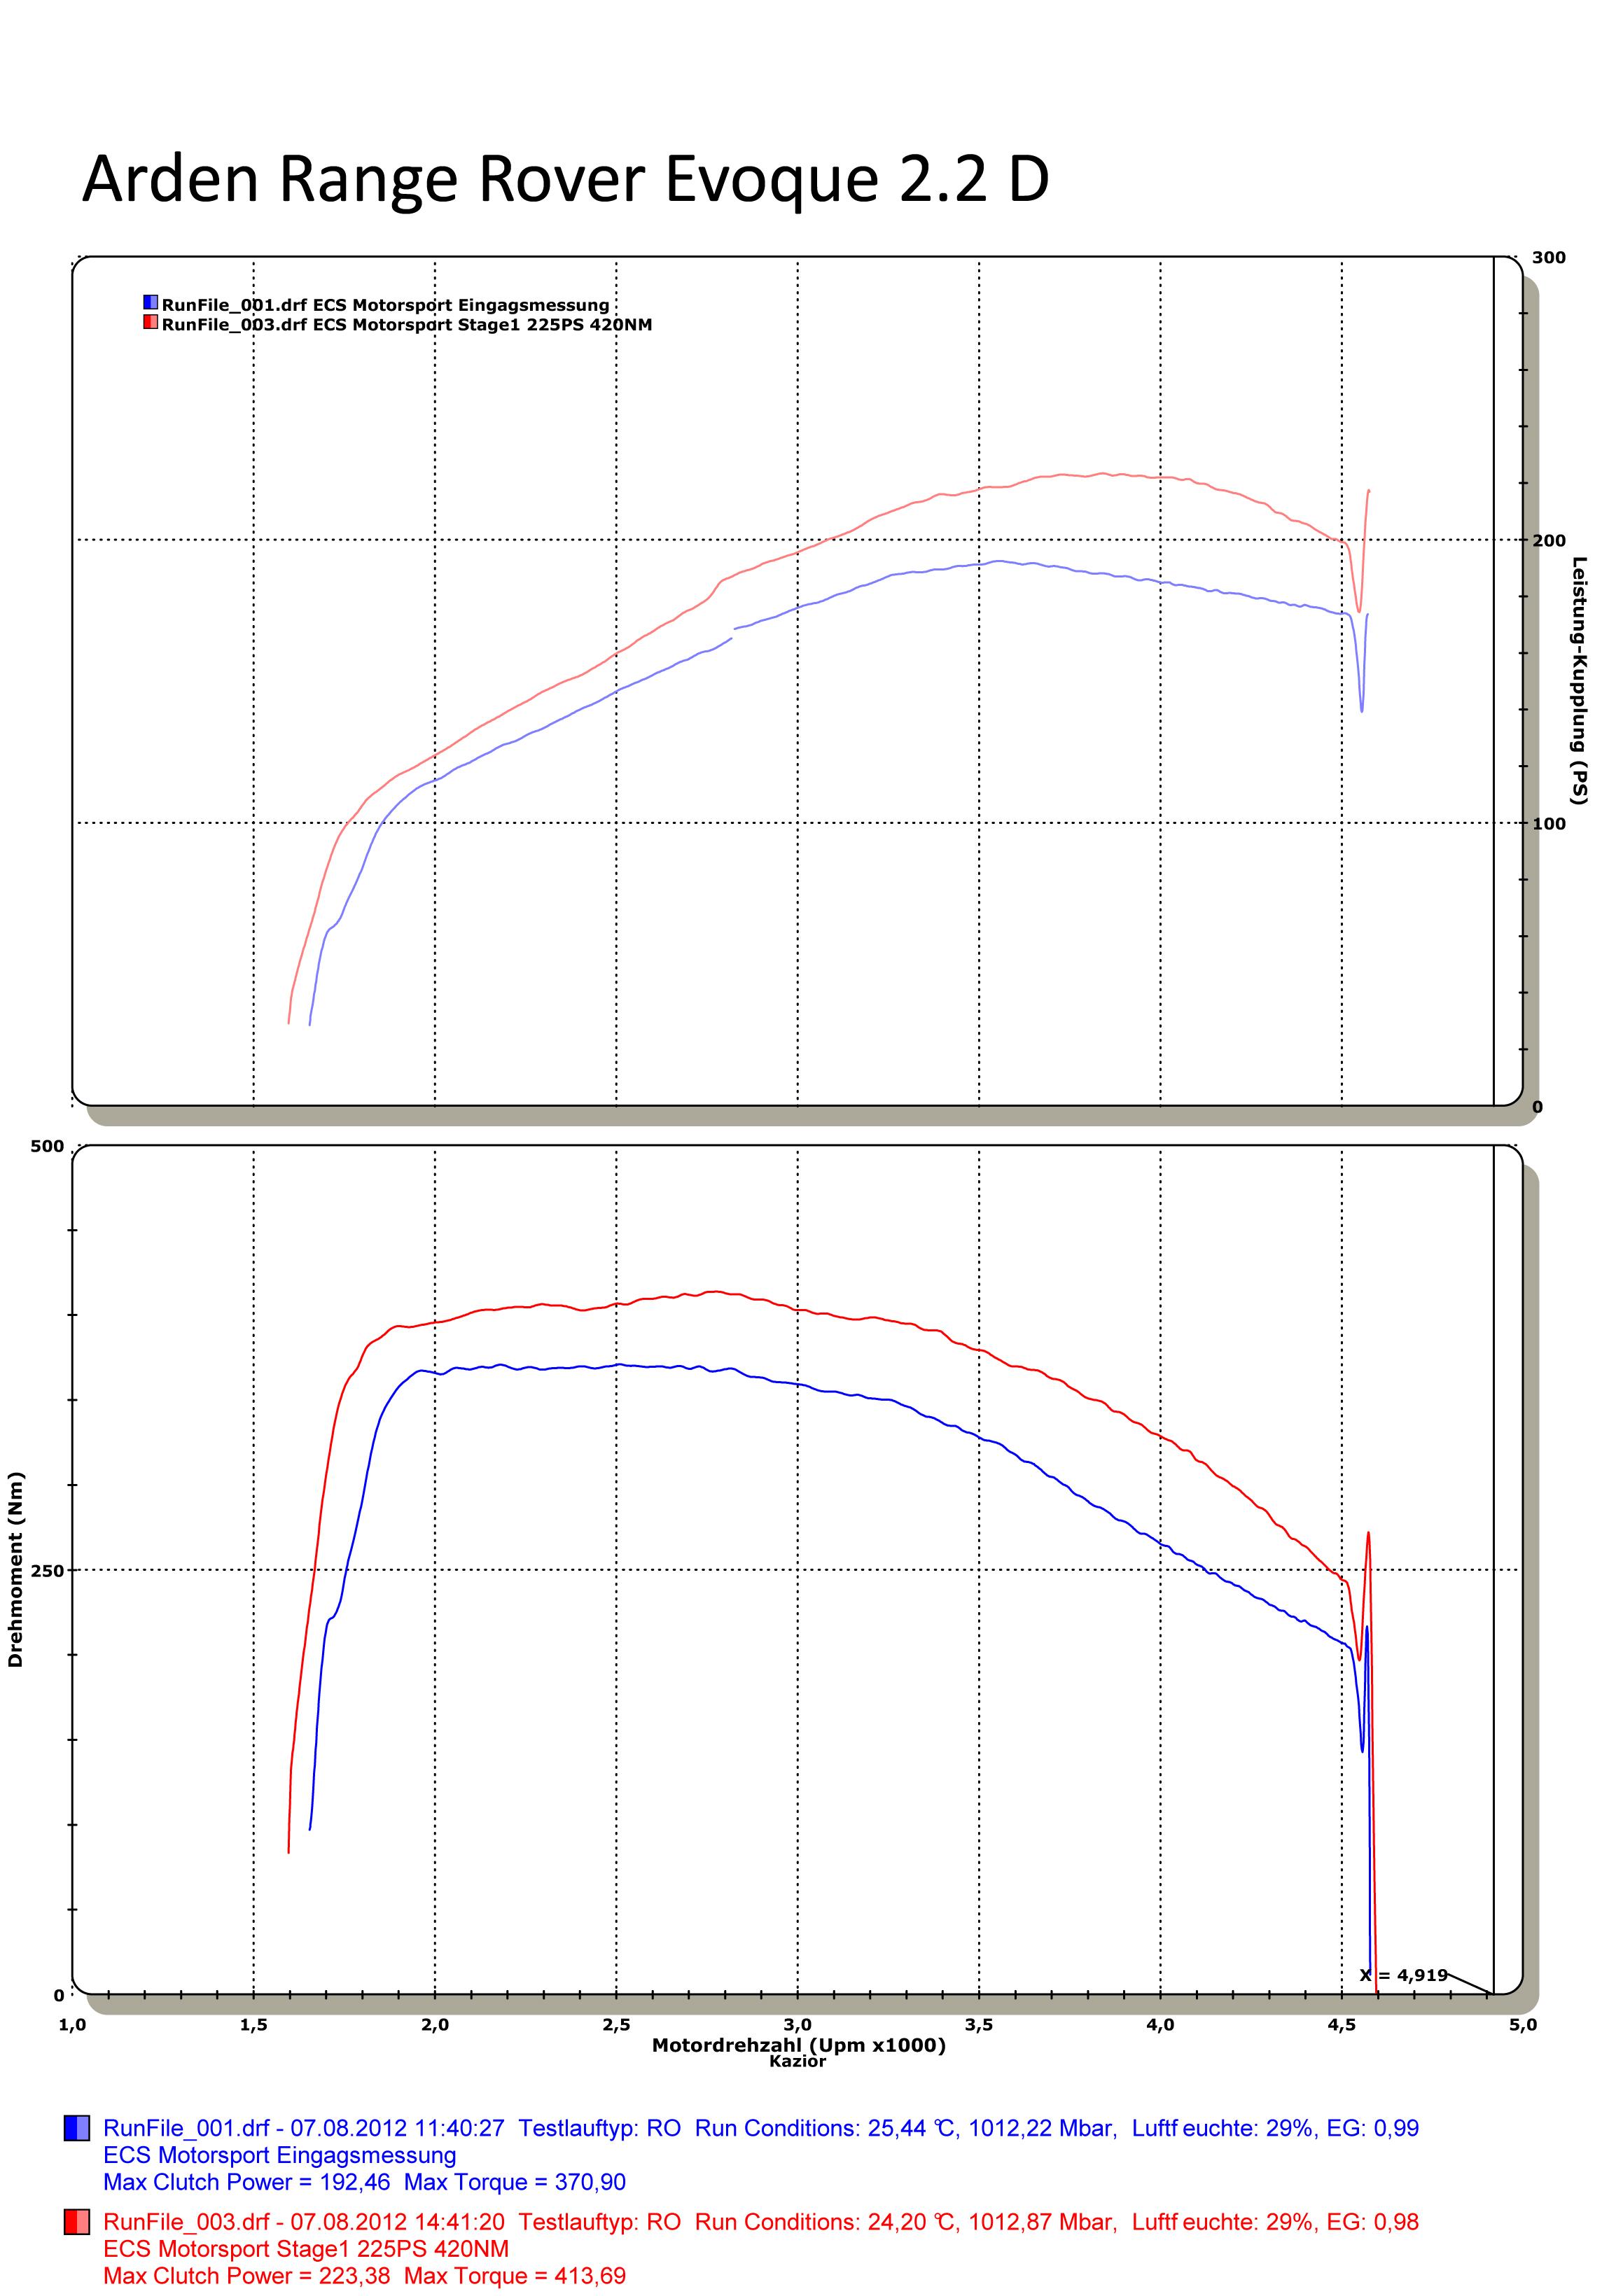 Range Rover Evoque Tuning Exclusive Refinement Arden Diagram Of The Jaguar X Type 3 0 Engine Download